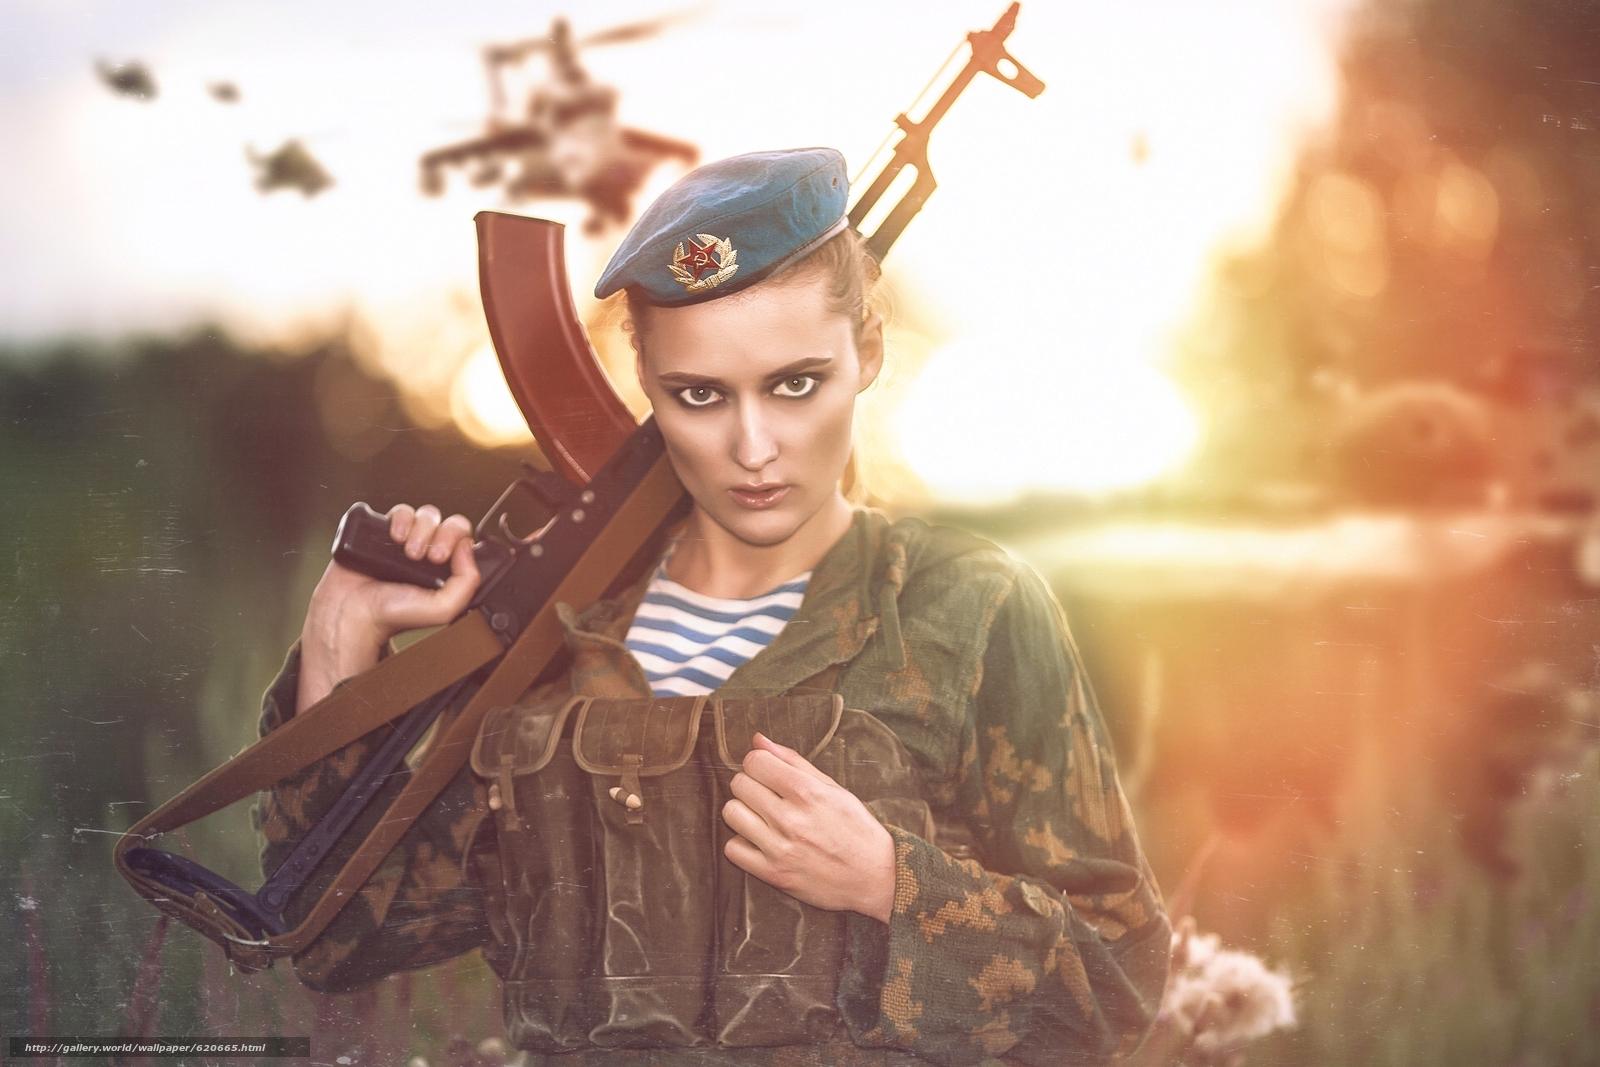 Скачать на телефон обои фото картинку на тему девушка, солдат, десантник, форма, берет, оружие, автомат Калашникова, автомат, АК, взгляд, разширение 1920x1280